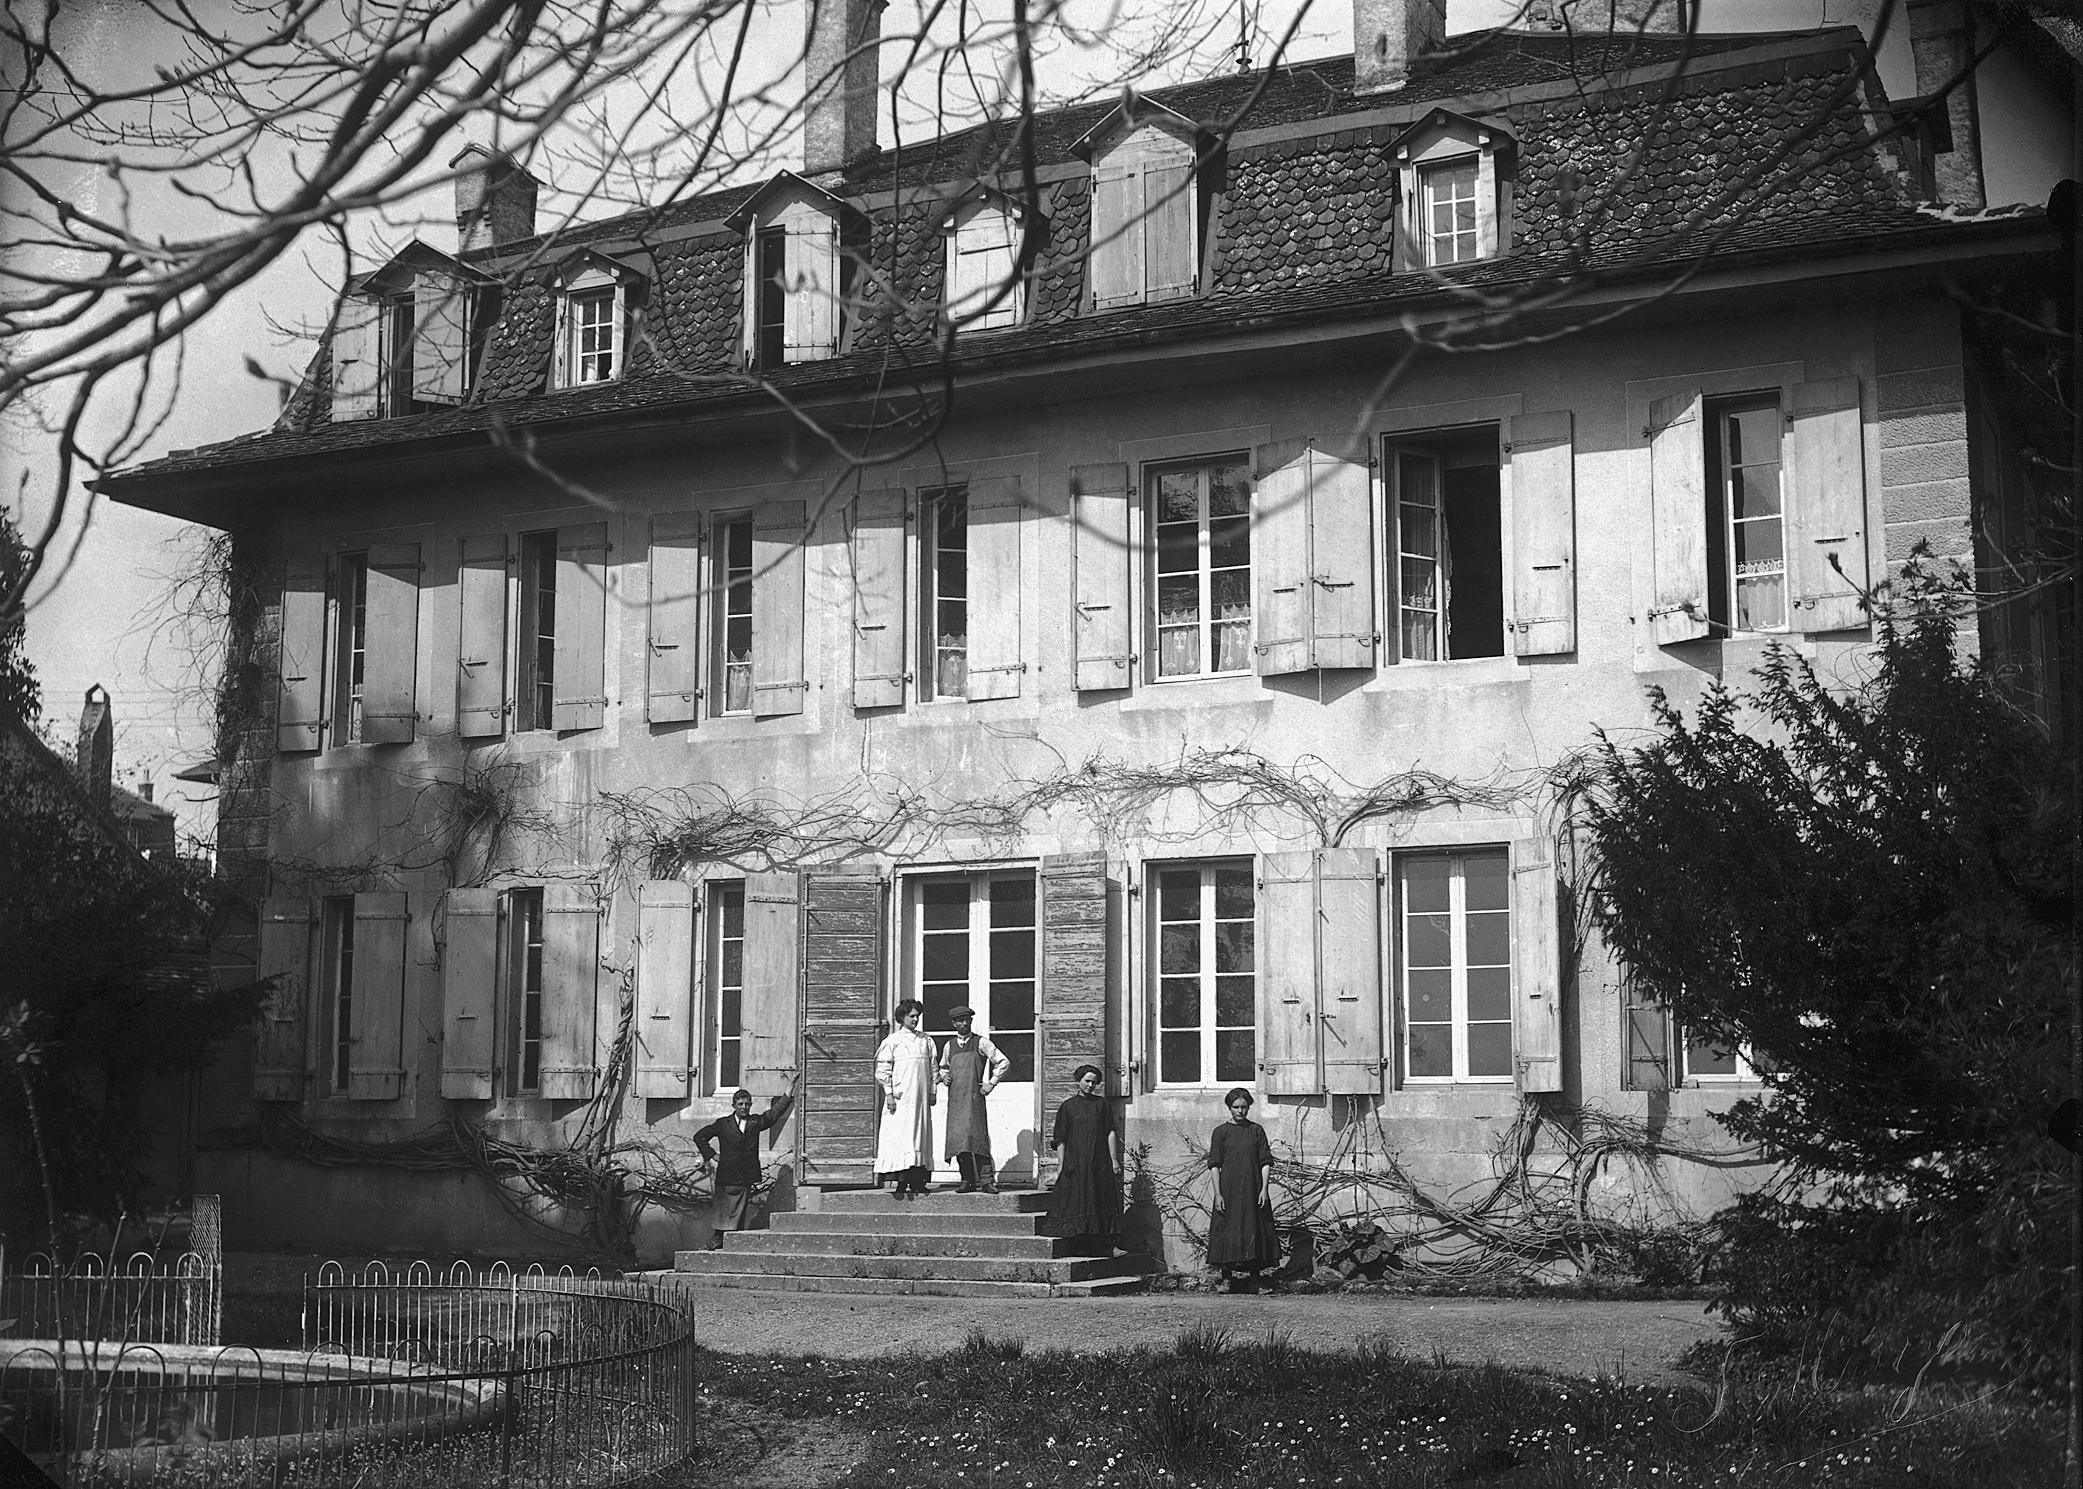 Jacques Favarger architecte vit au Château de Malley et accueil son fils le peintre Robert Favarger